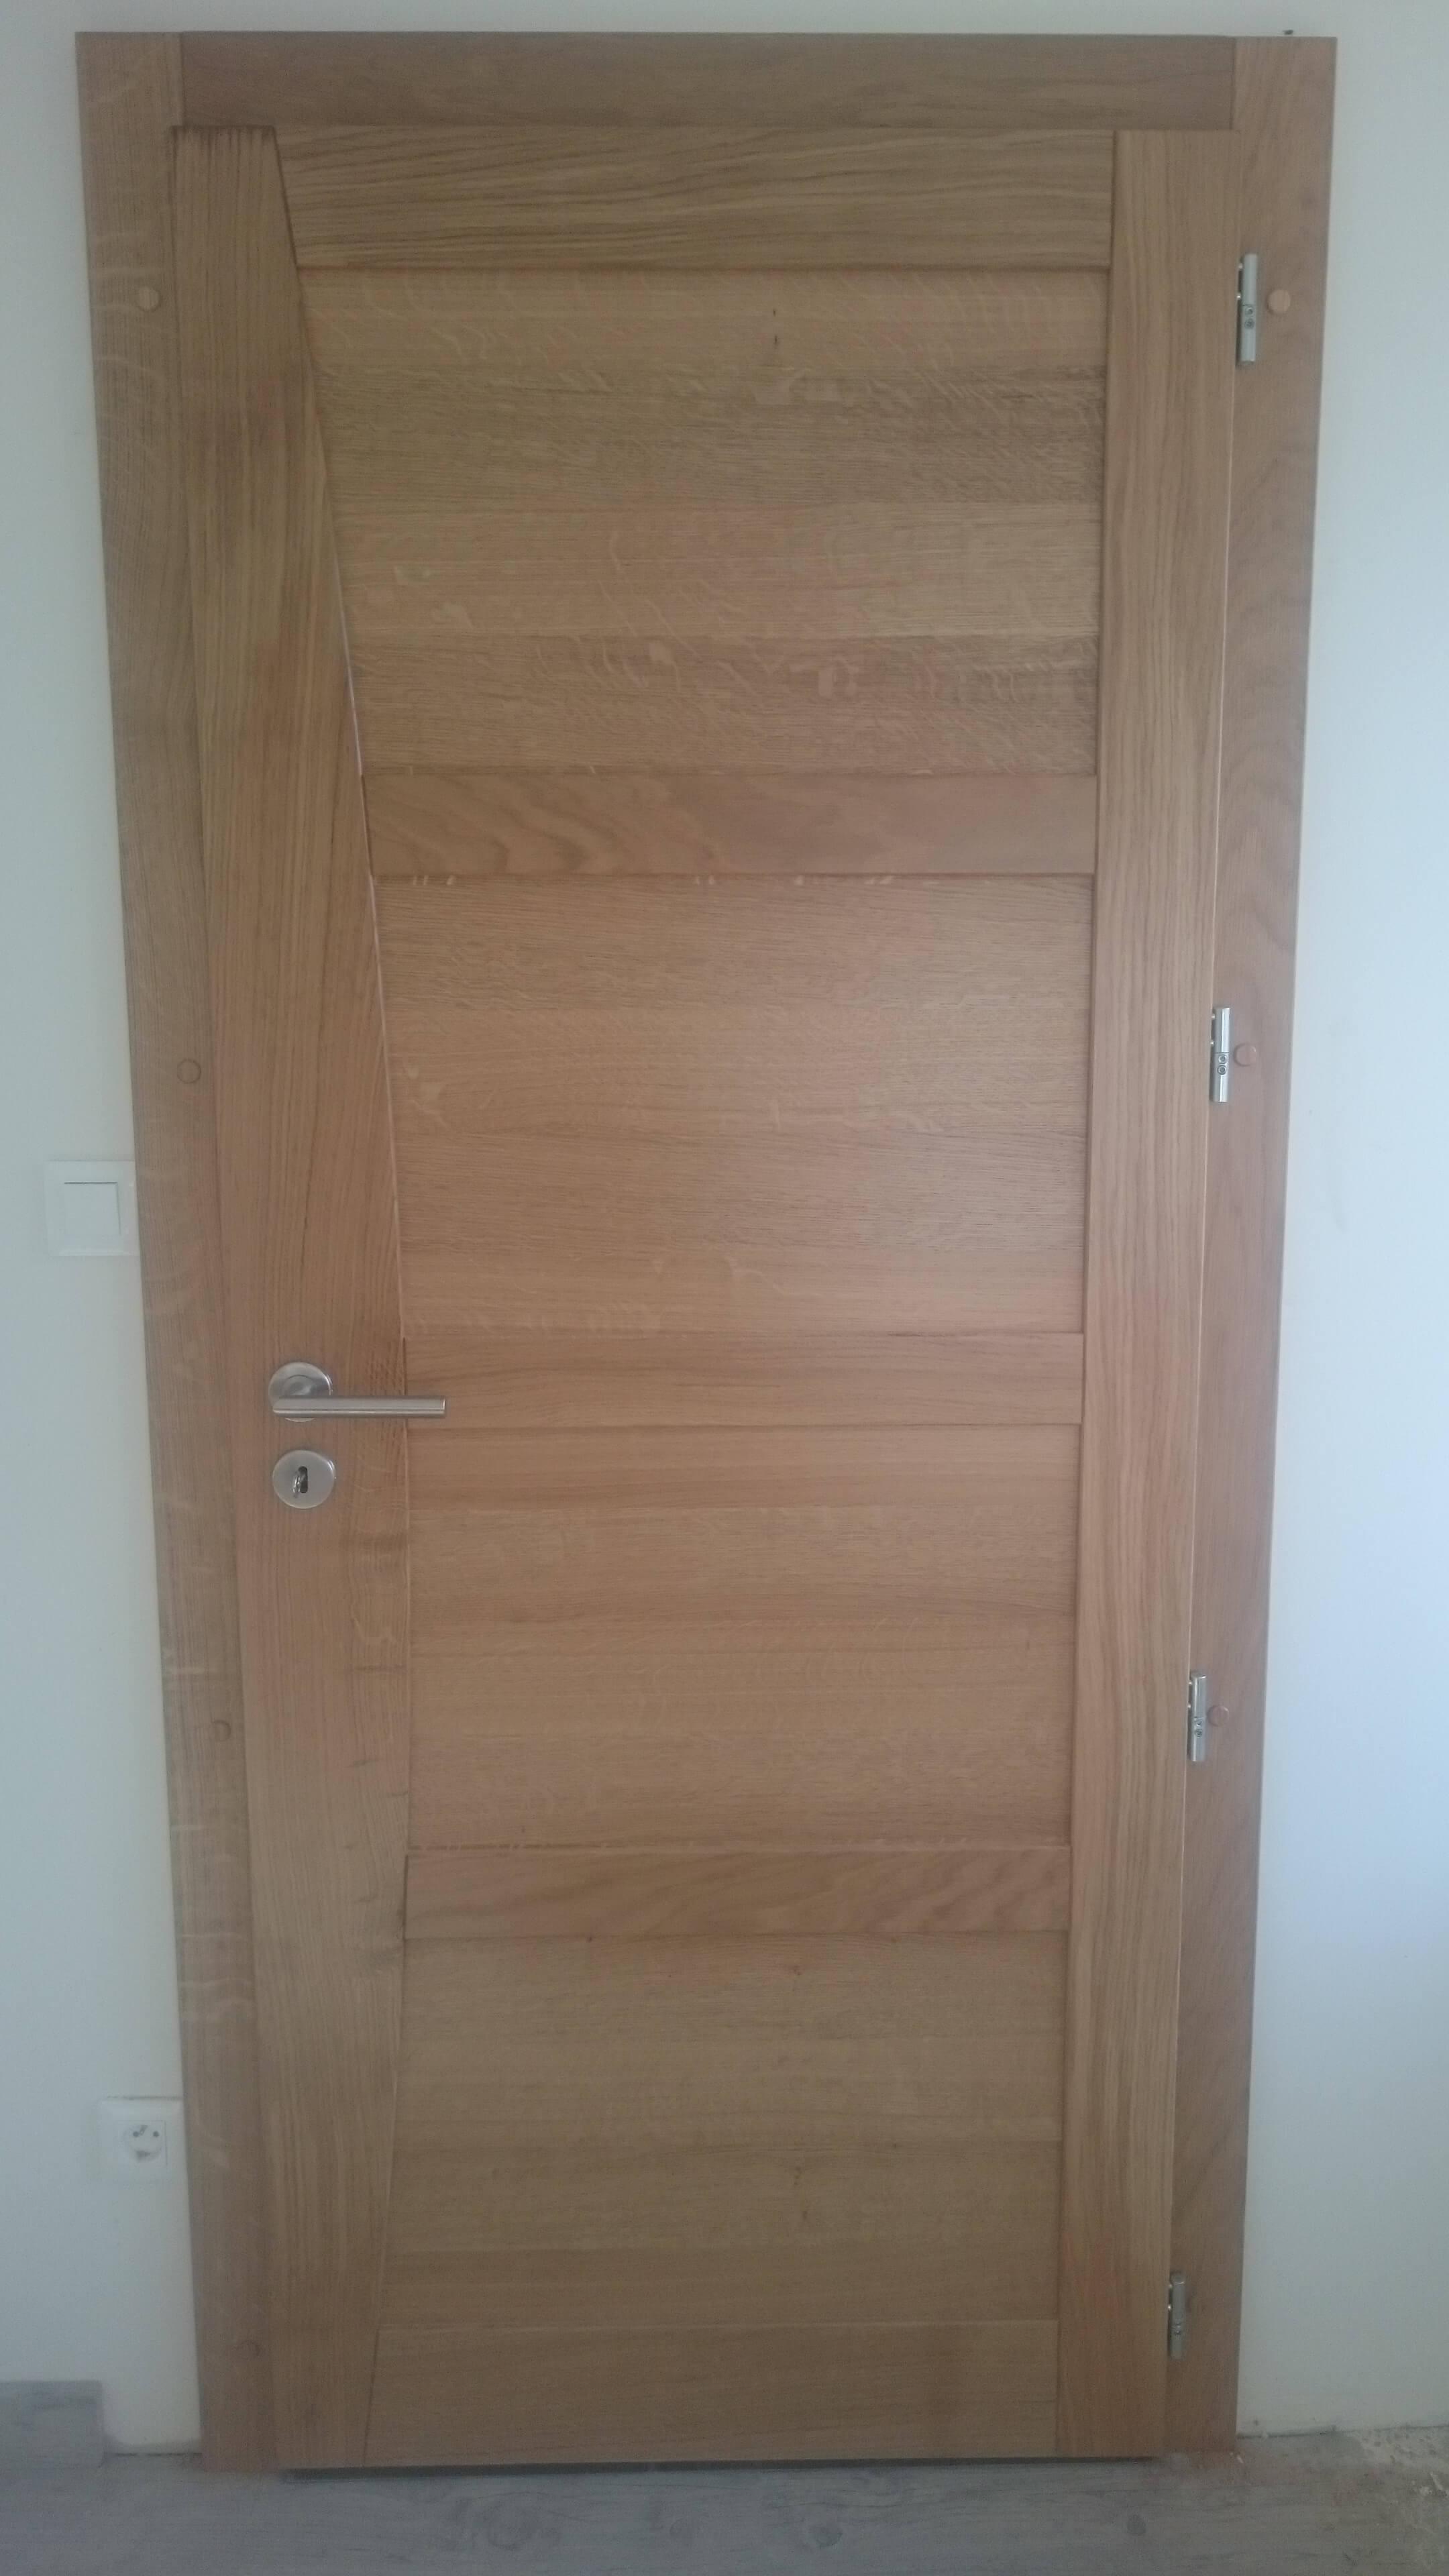 Menuiserie Figard - Fabrication sur mesure - Porte d'intérieure - Chêne - Vesoul